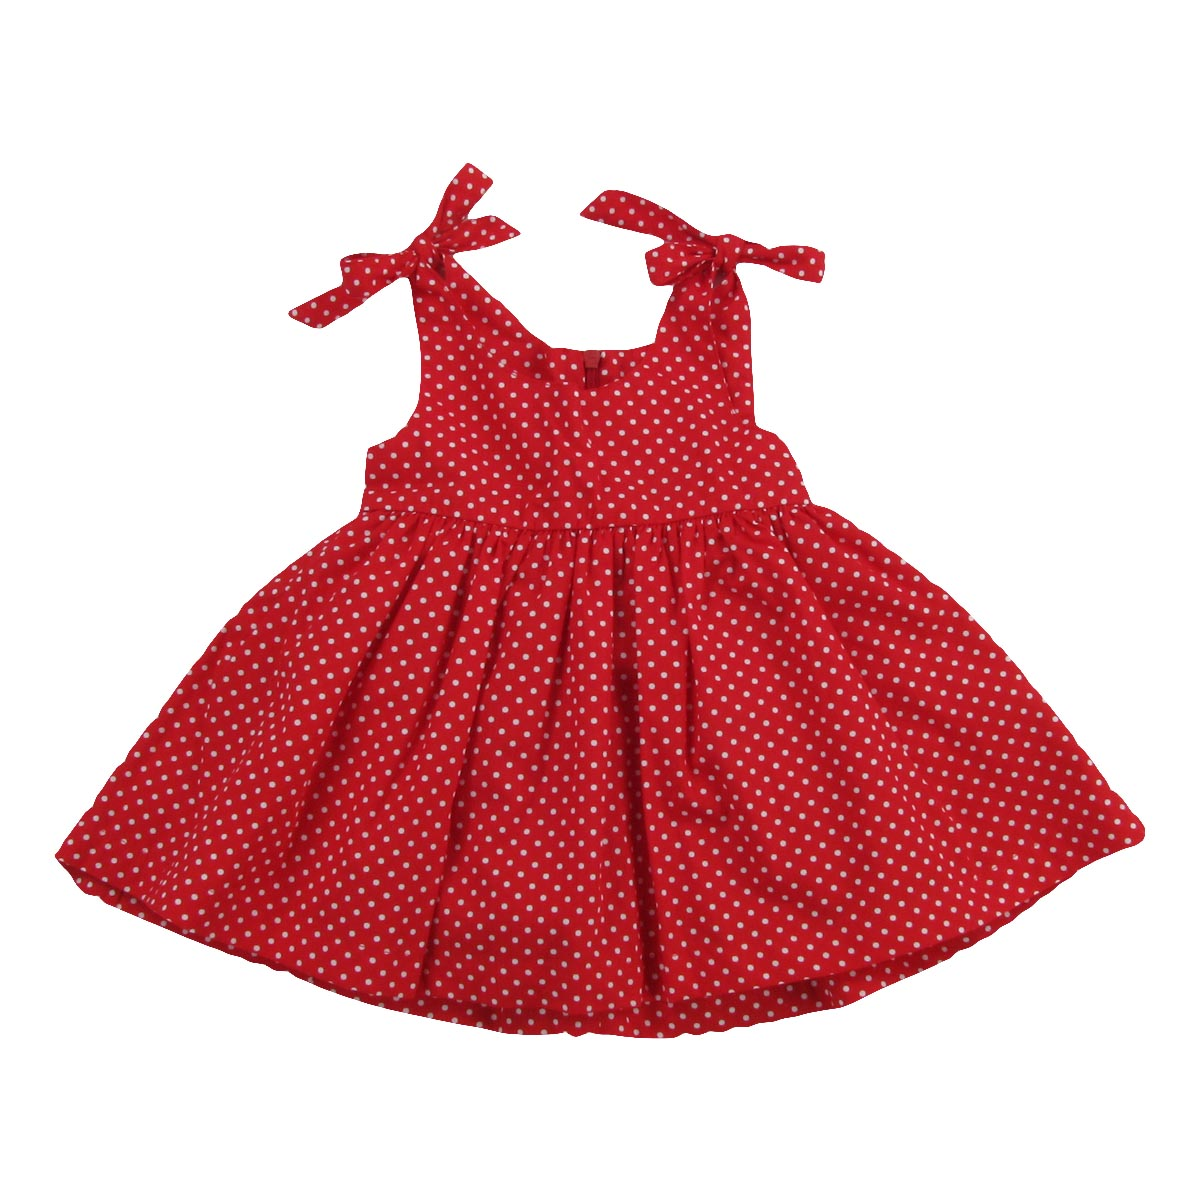 Летние платья и сарафаны для девочек своими руками